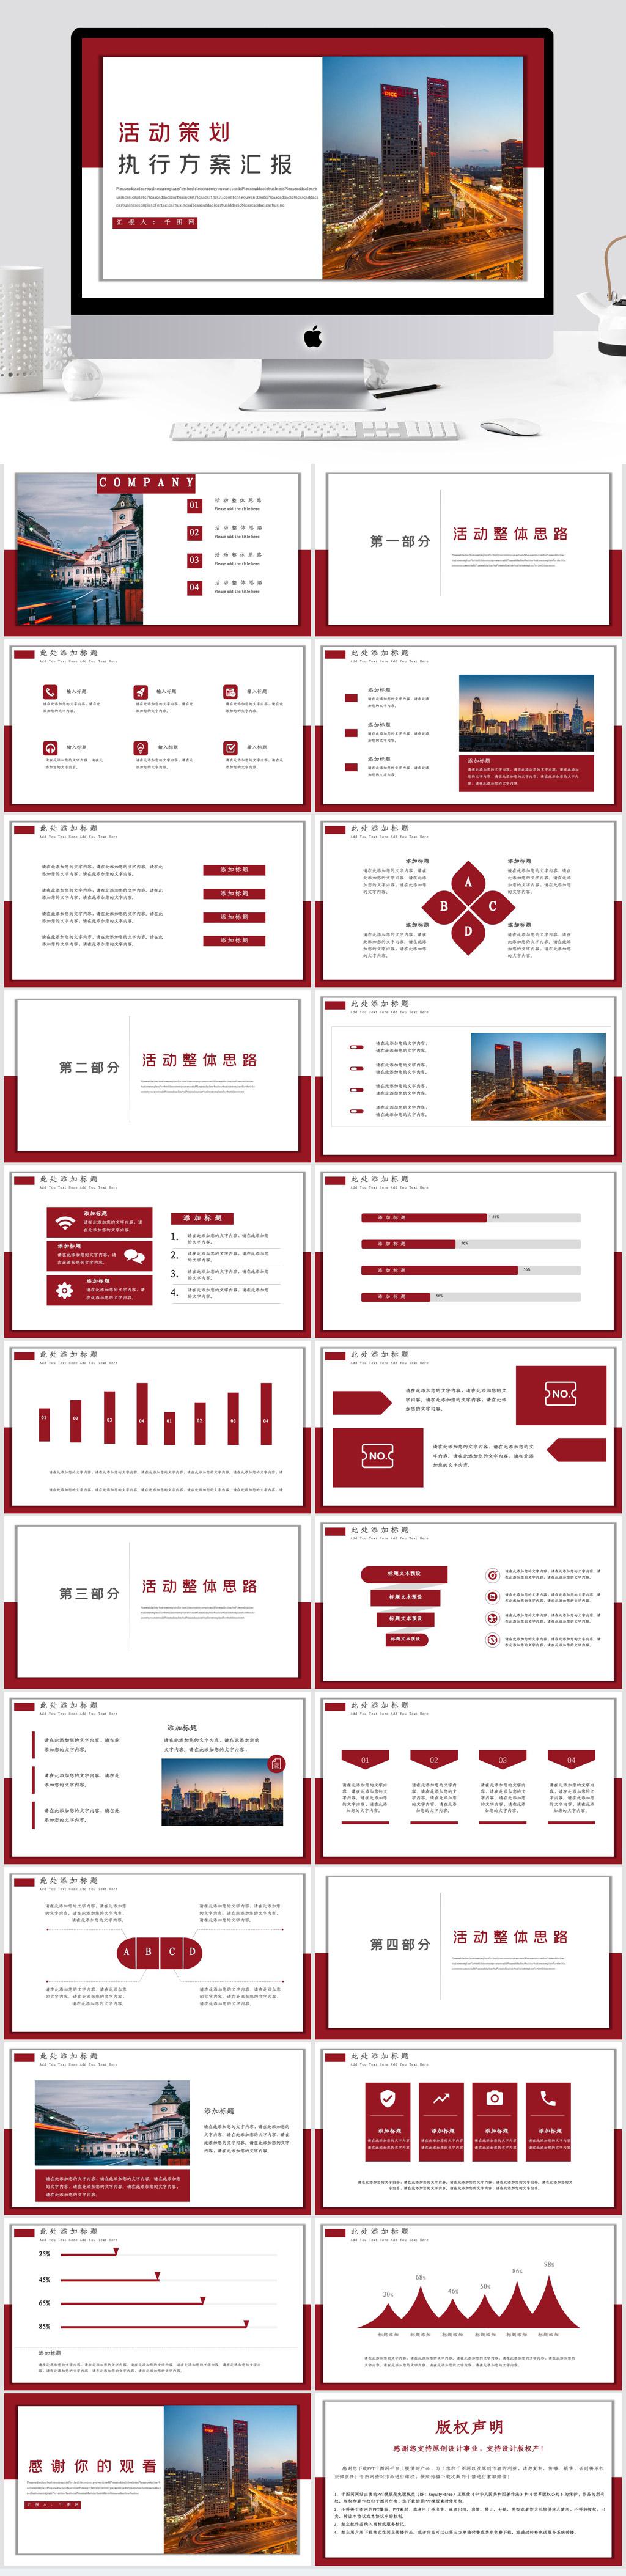 红色简约商务总结工作汇报PPT模板